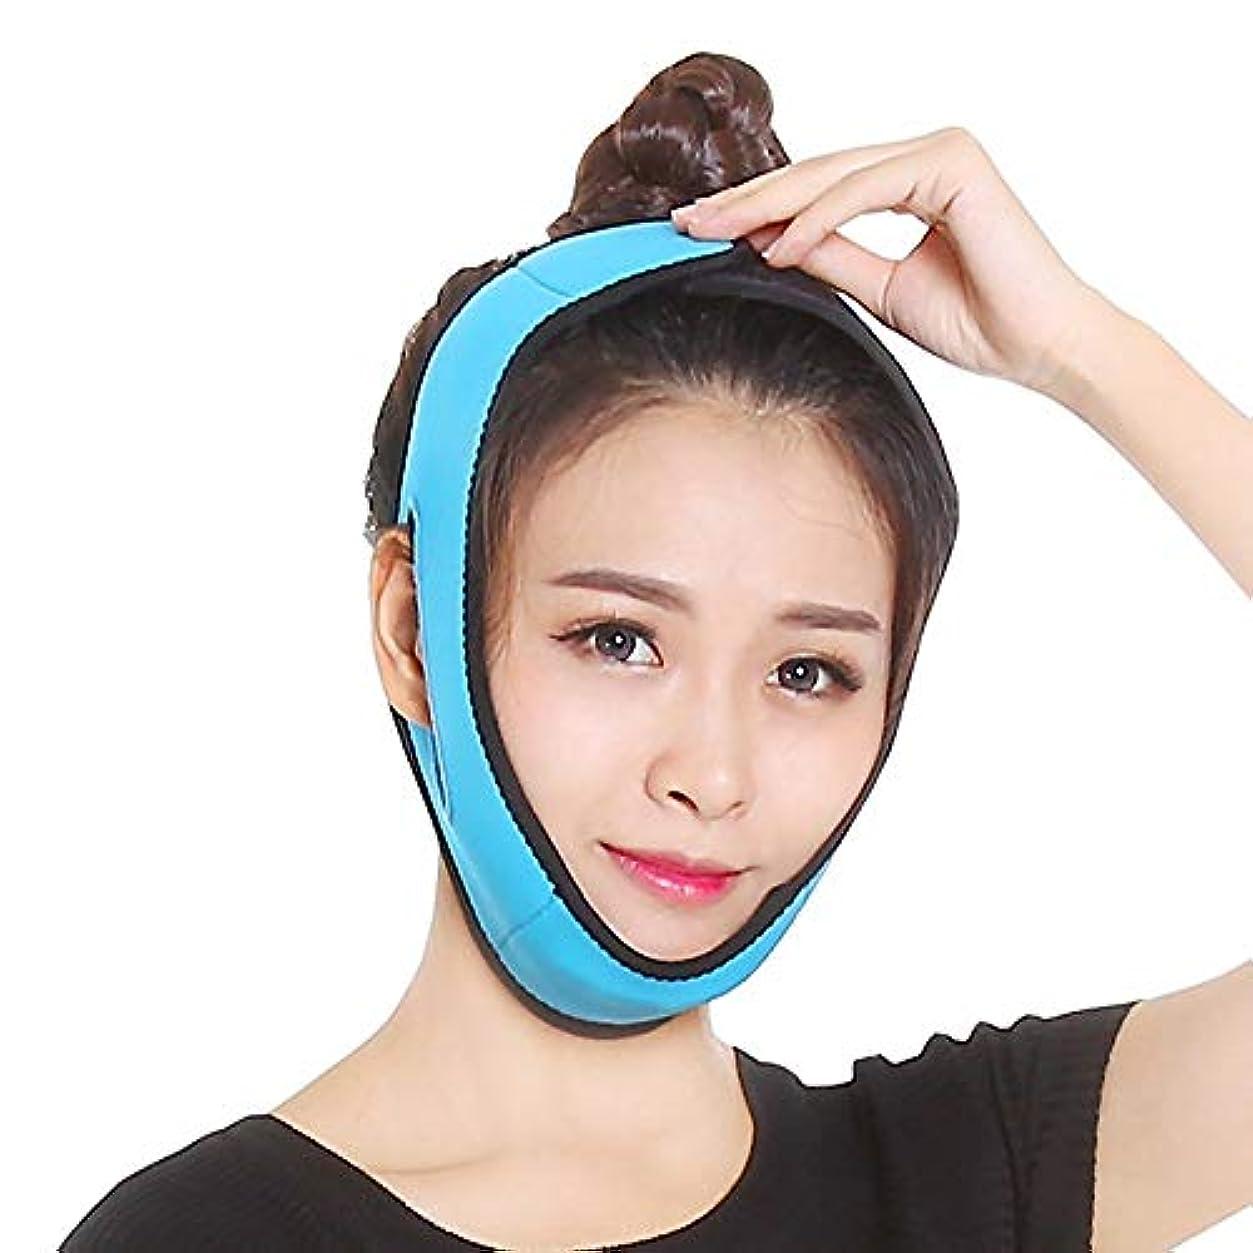 オートメーション絶壁姪フェイスリフトベルト 薄い顔のベルト - 薄い顔のツール薄い顔のベルト通気性のラテックスのマッサージV型の顔のアーティファクトの顔の薄いマスク